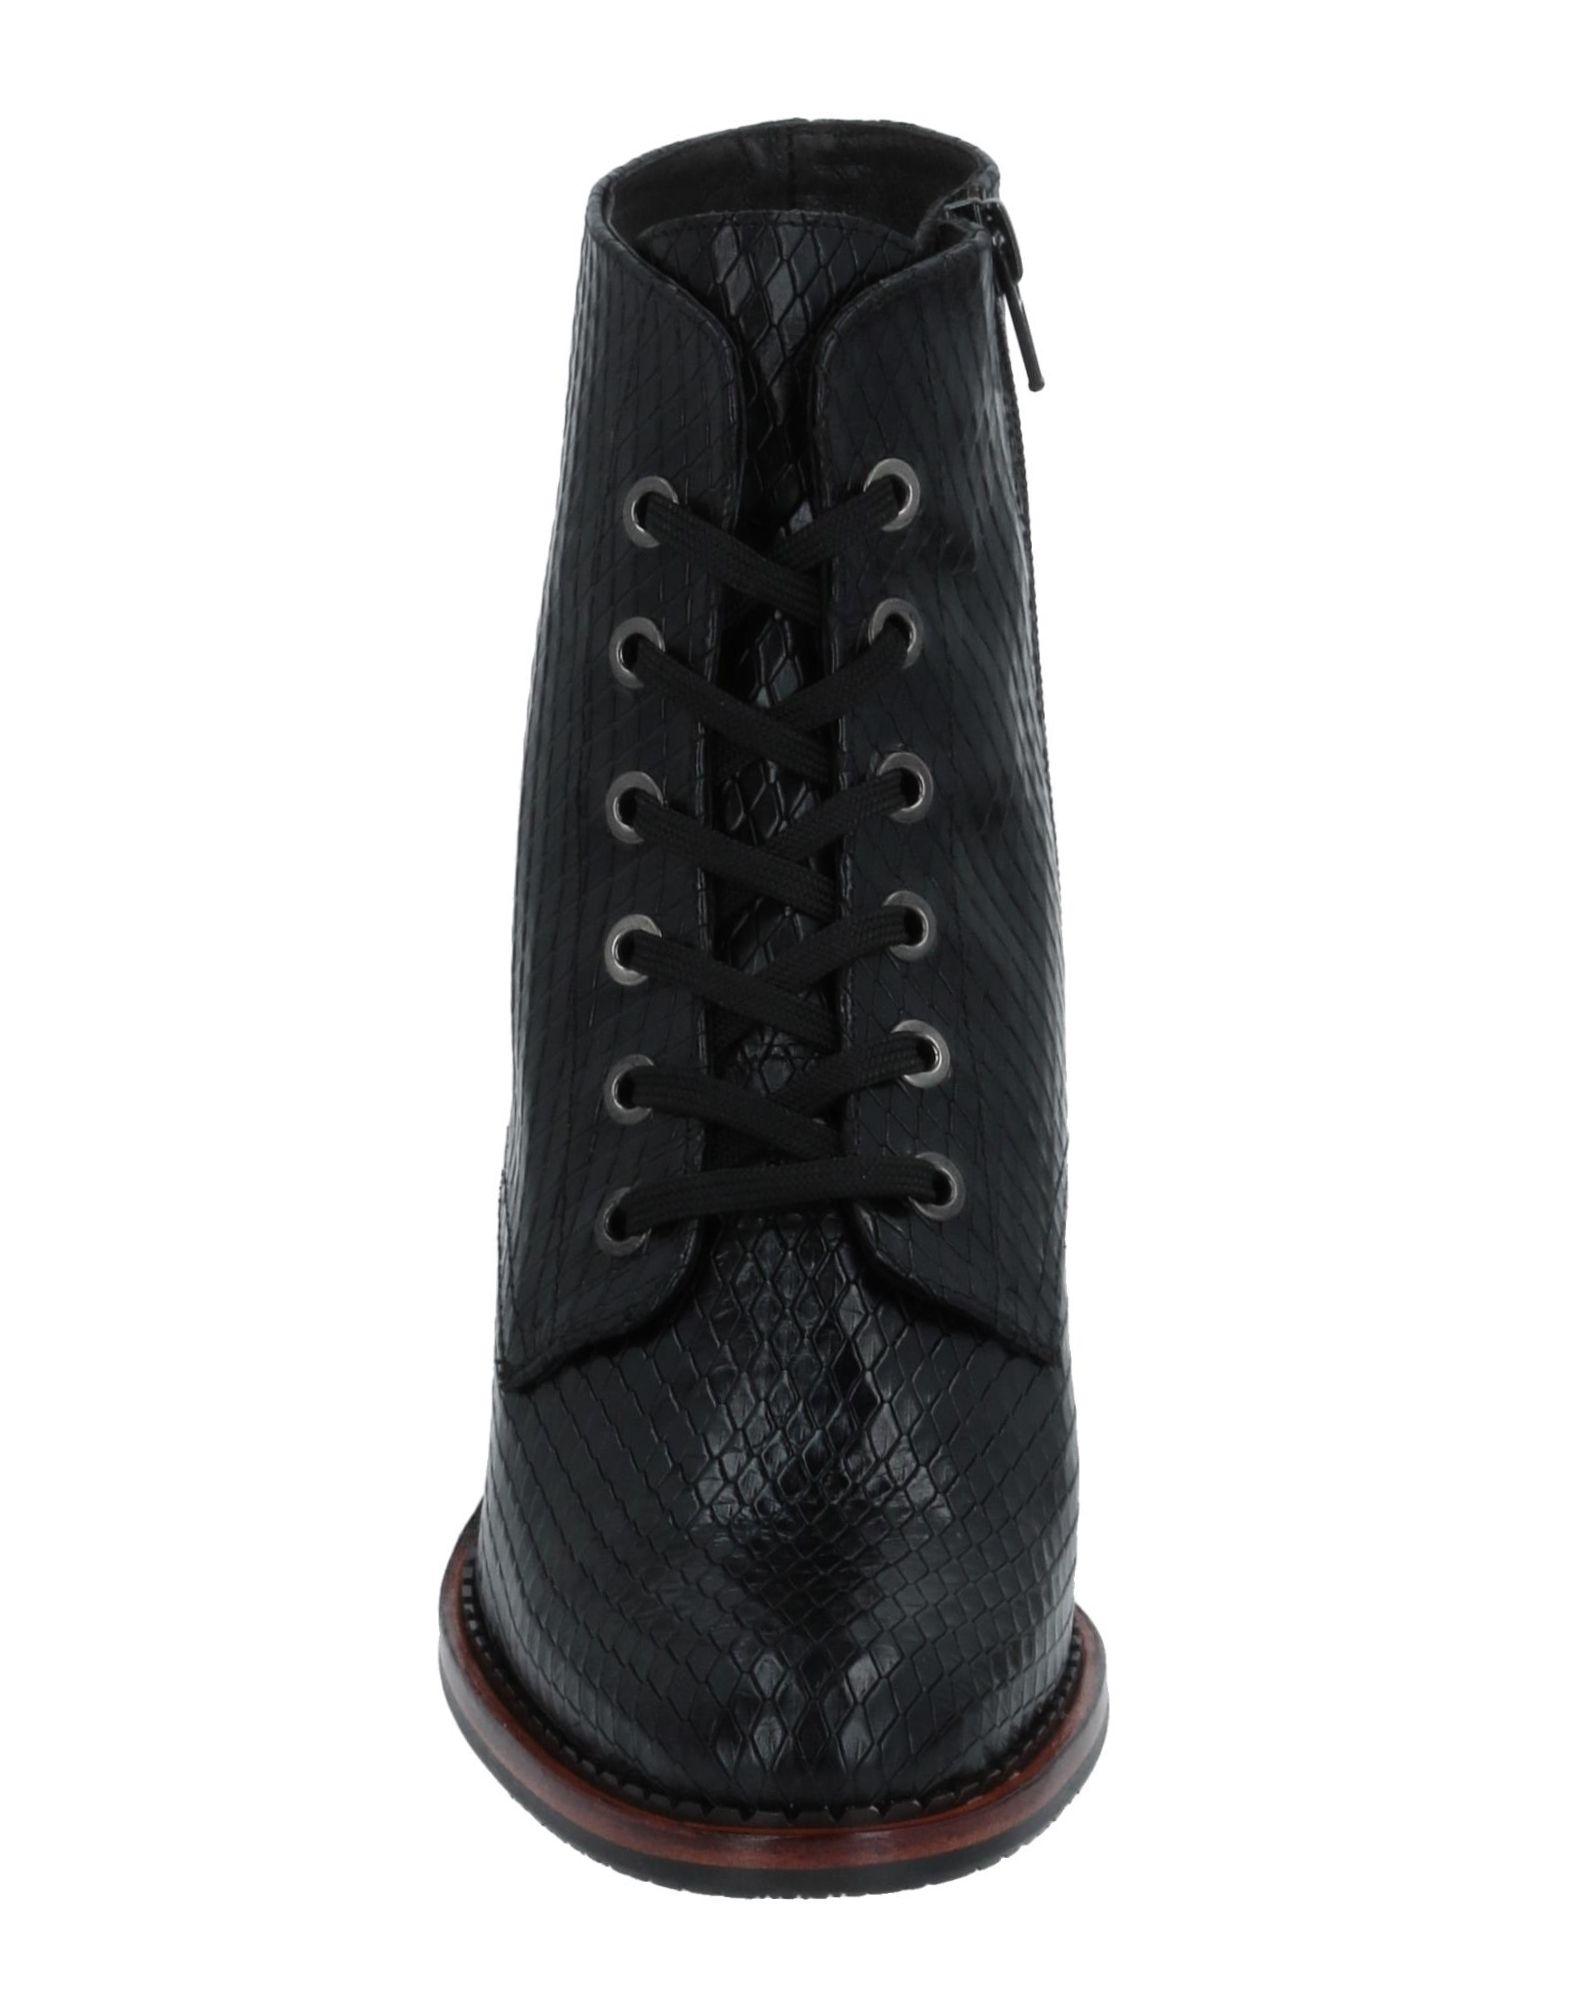 Stilvolle billige Stiefelette Schuhe Zinda Stiefelette billige Damen  11517875UL 934502